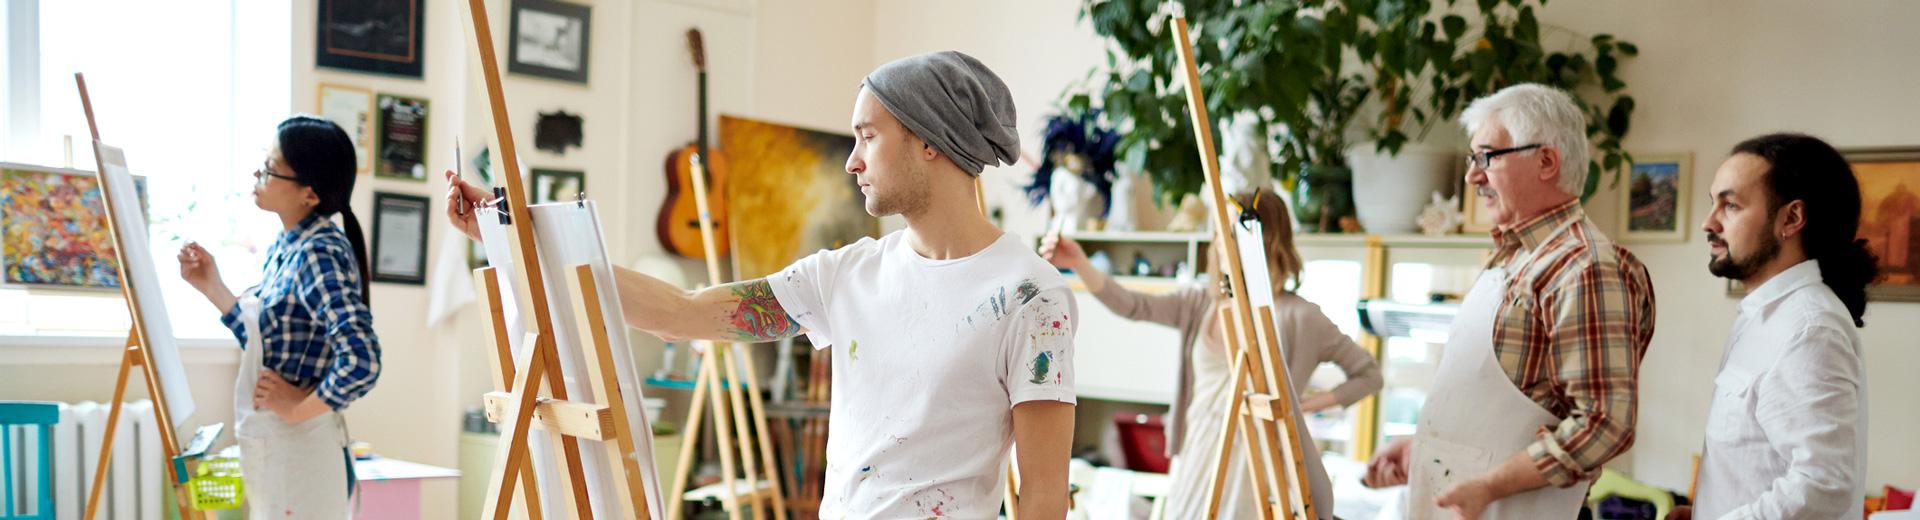 Proyecto de Artes Visuales + Salud + Bienestar